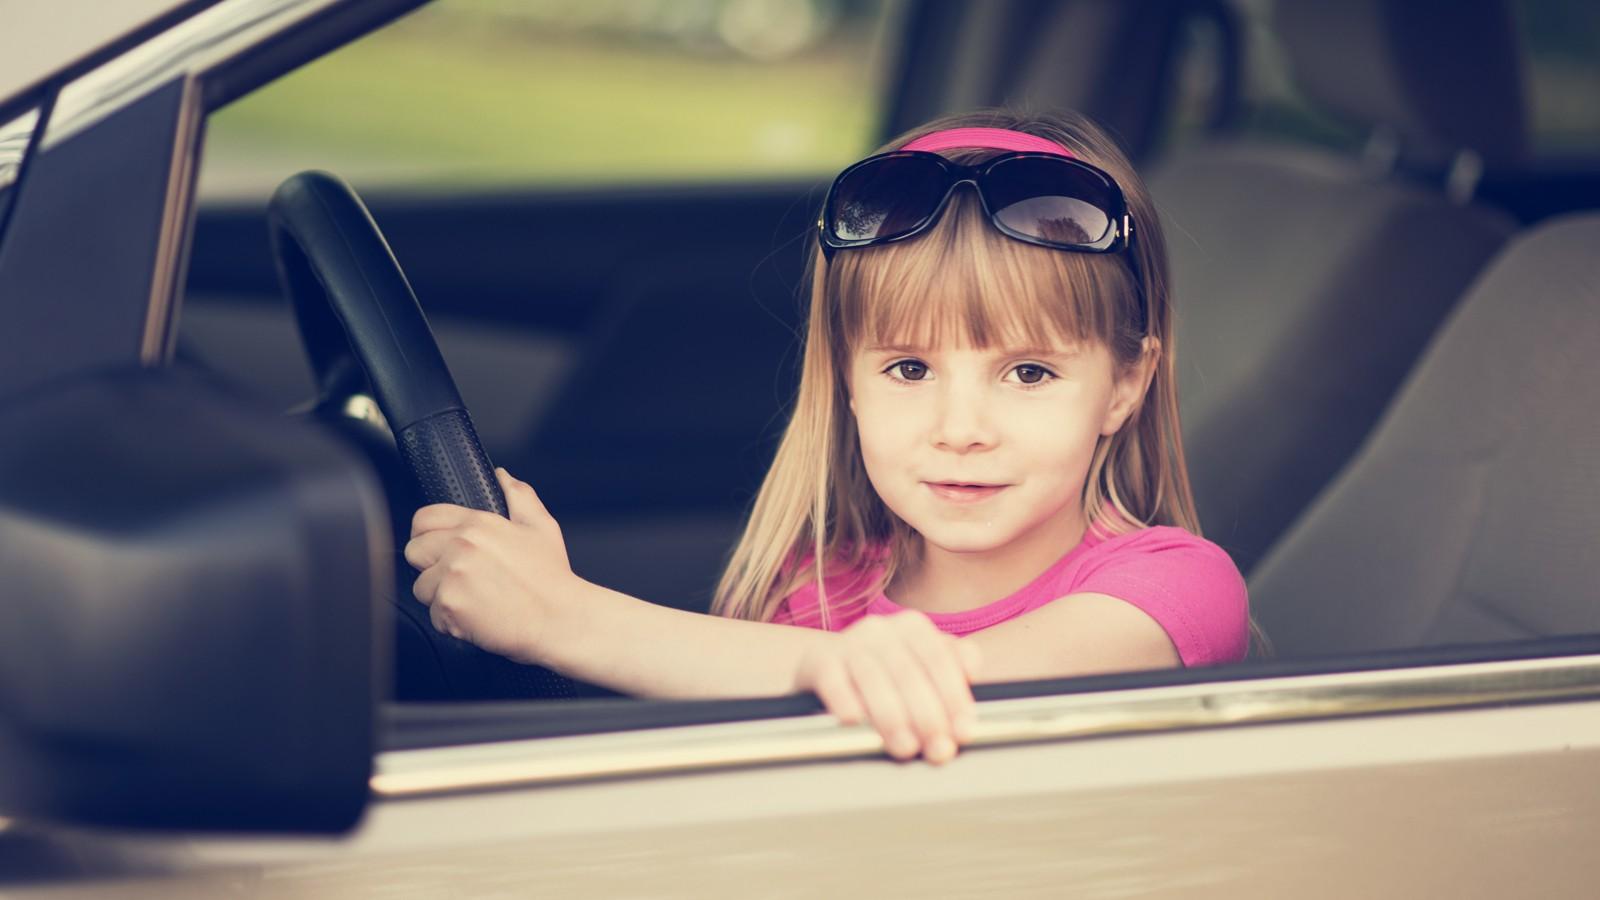 Little girl driving a car.